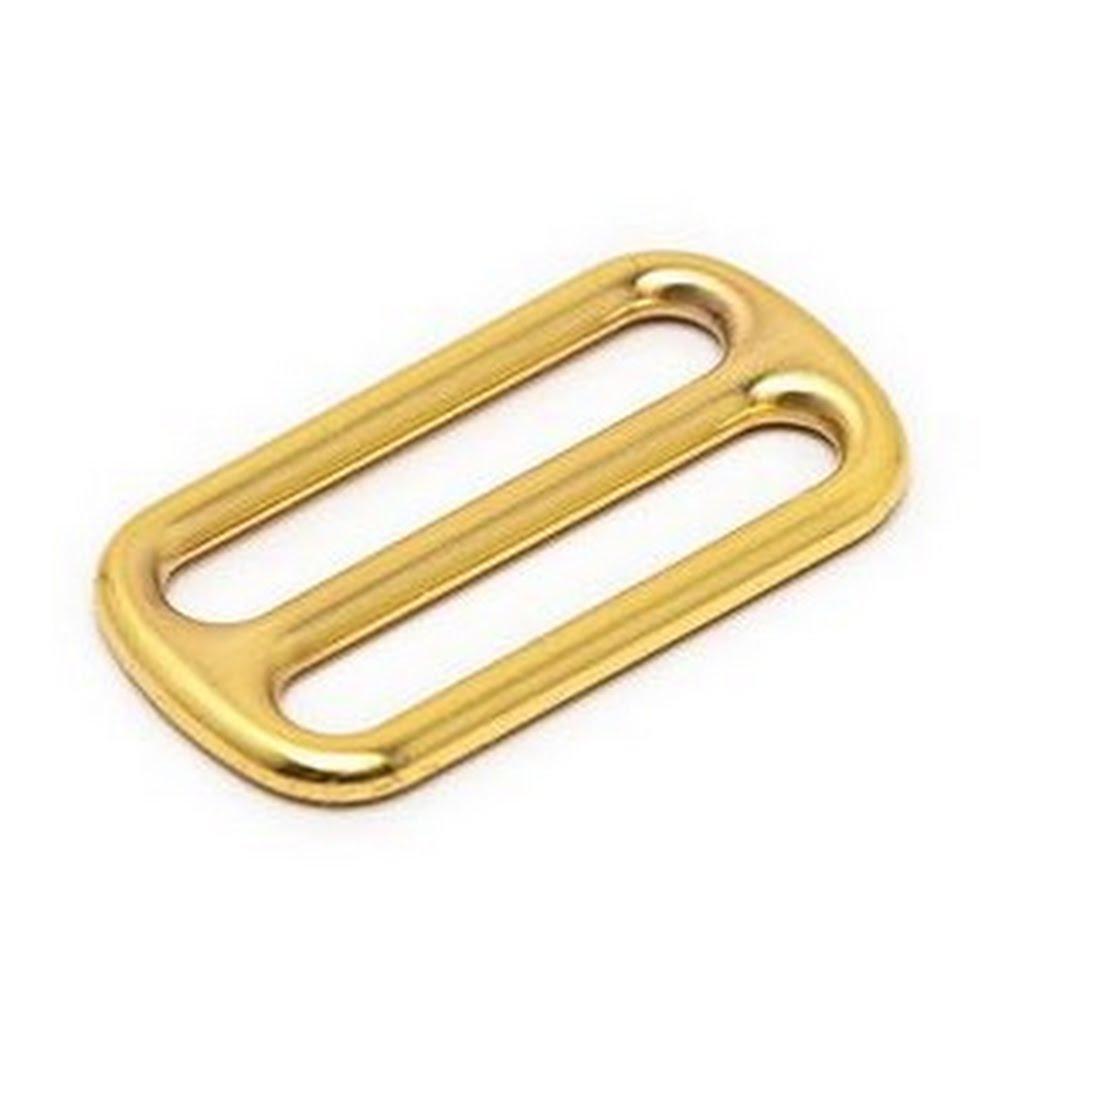 Taschenzubehör - Schiber GOLD 40mm